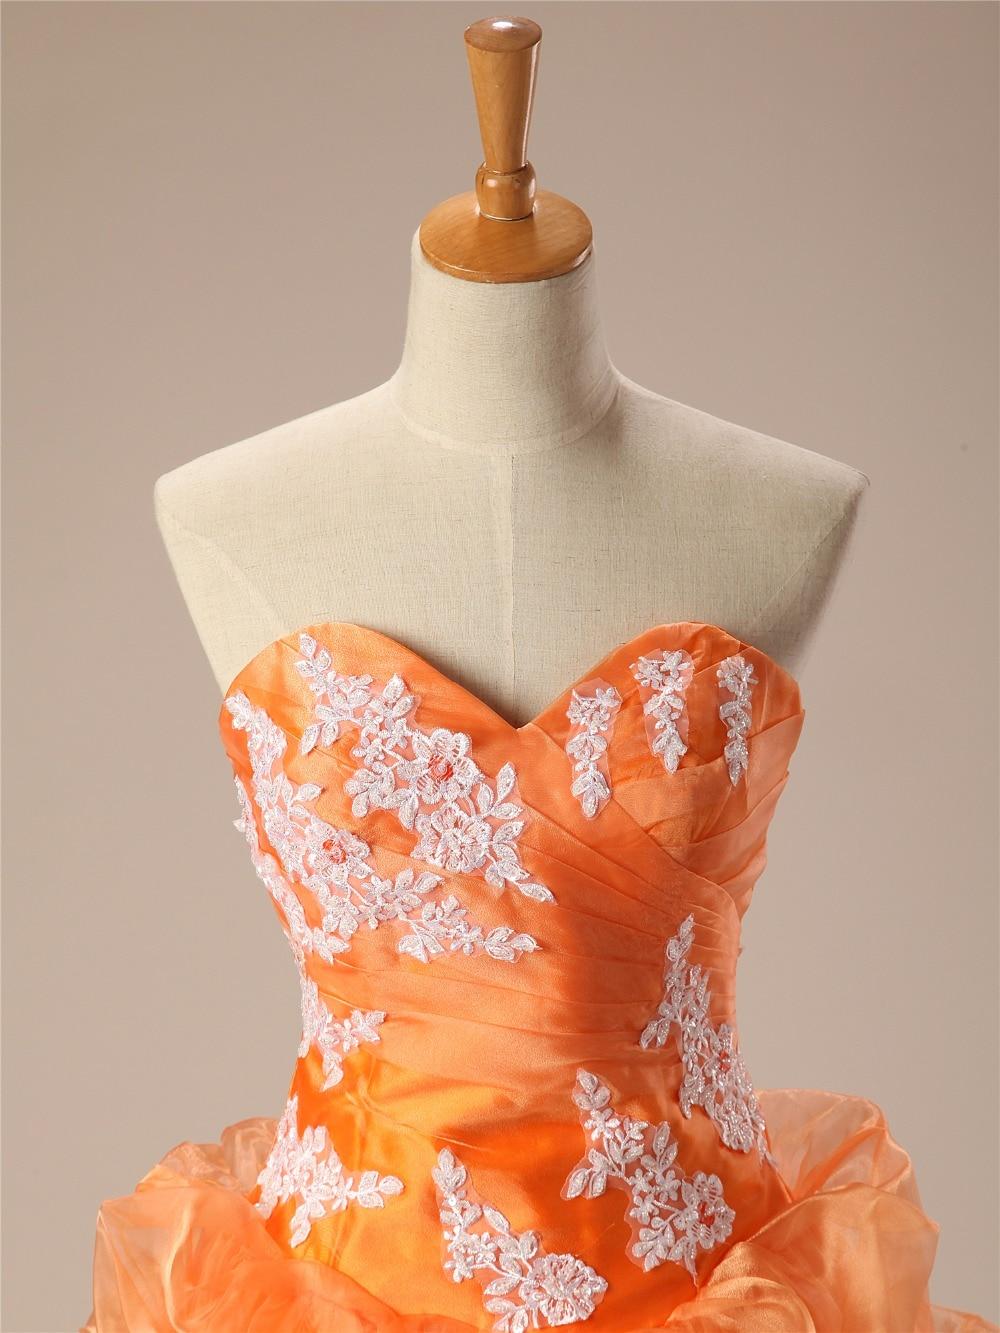 Cheap Quinceanera Dresses Orange Sweetheart Appliques Lace Vestidos De 15 Anos Ball Gown Sweet 16 Dresses Debutante Gown - 4